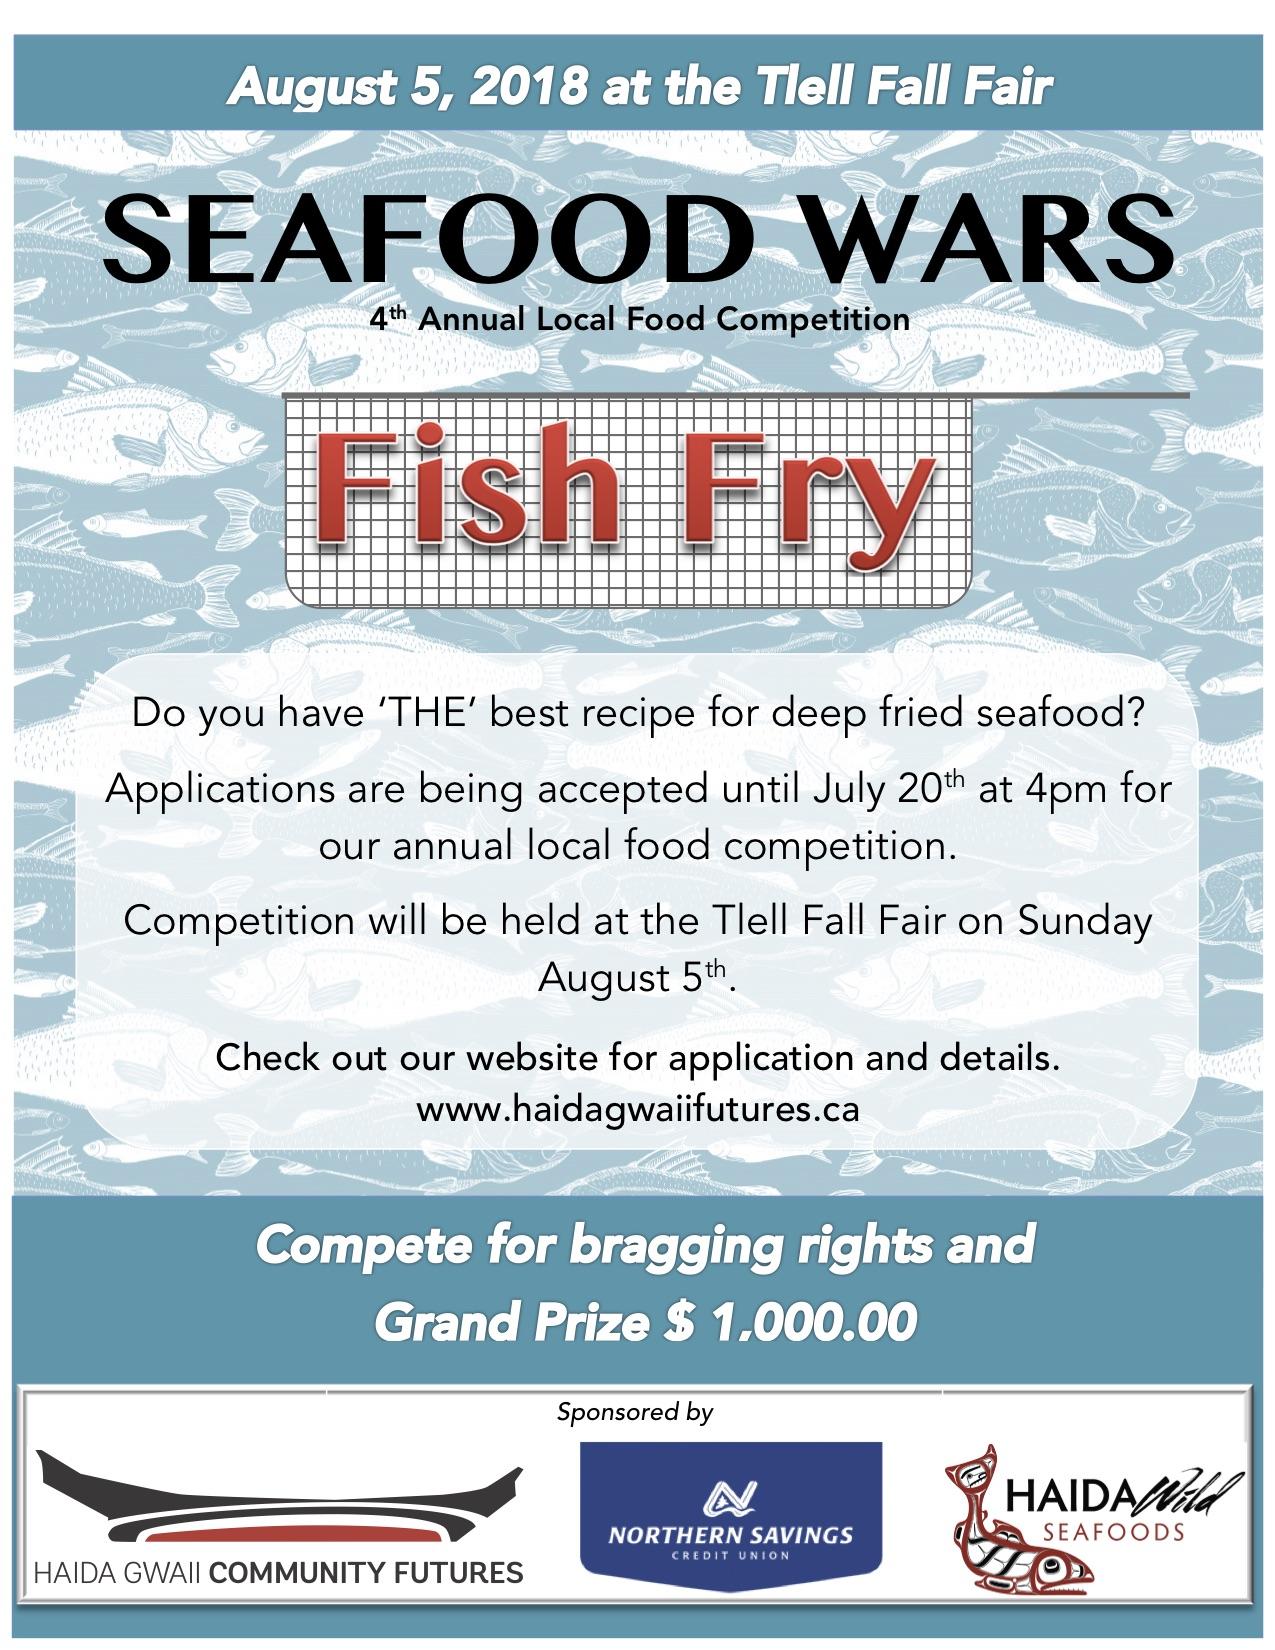 Seafood Wars 2018 Invitation.jpg